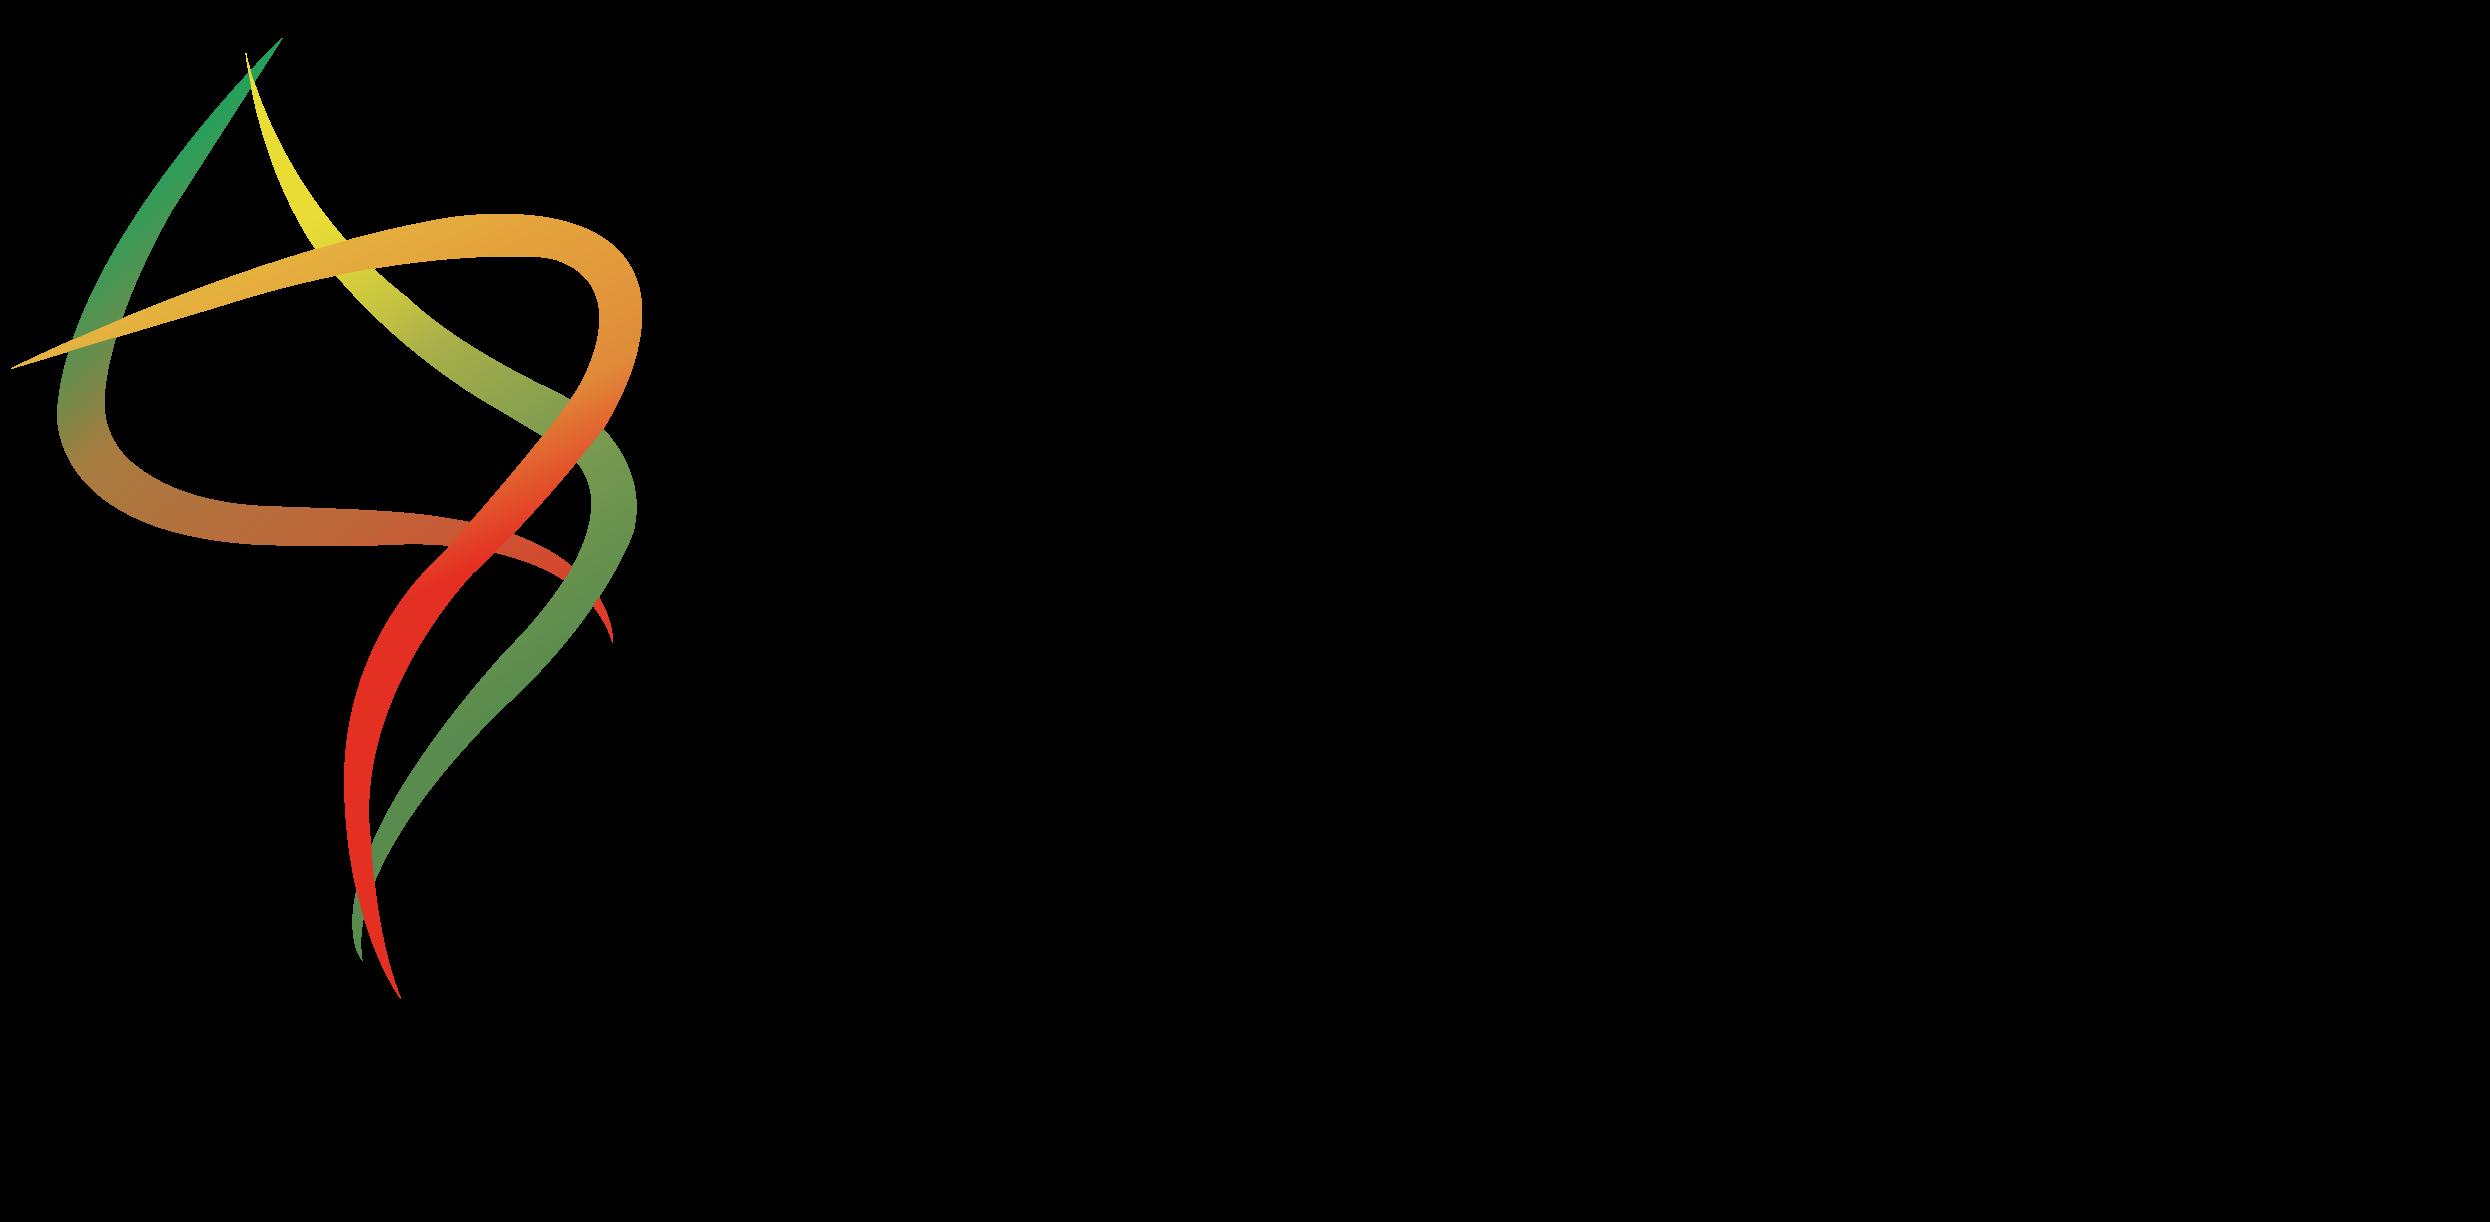 Genbioconsortium site logo